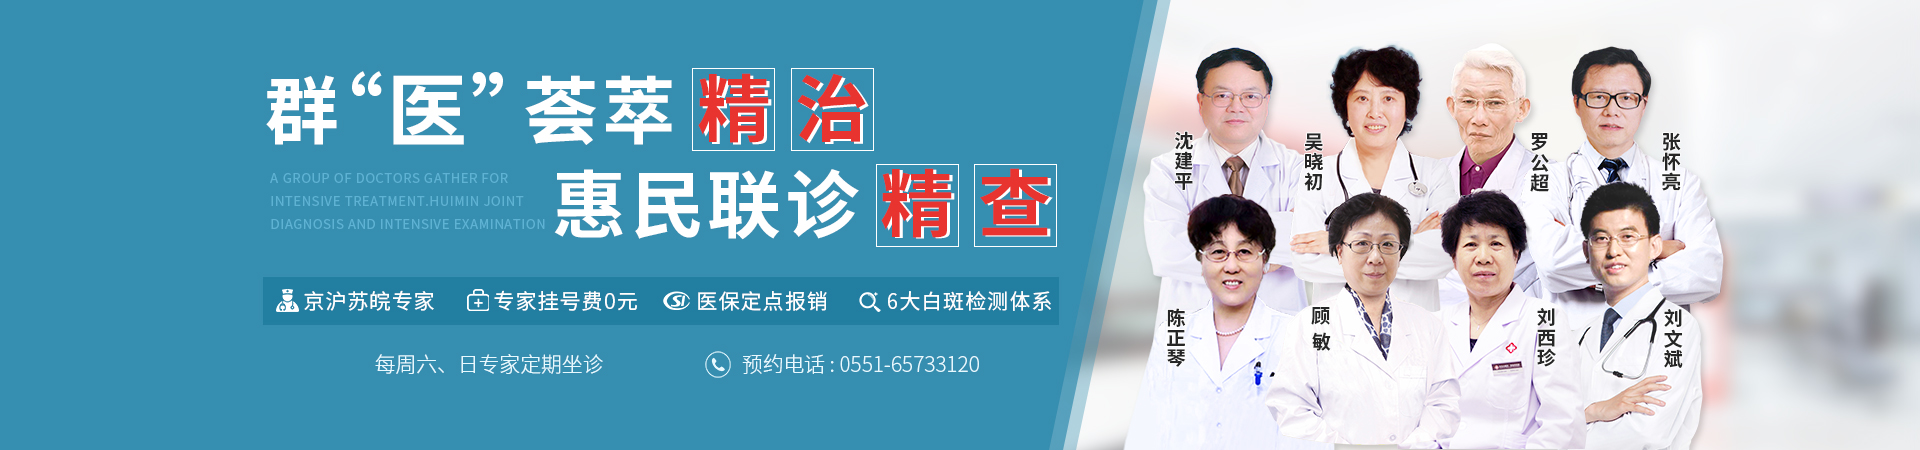 合肥华研白癜风医院医生团队